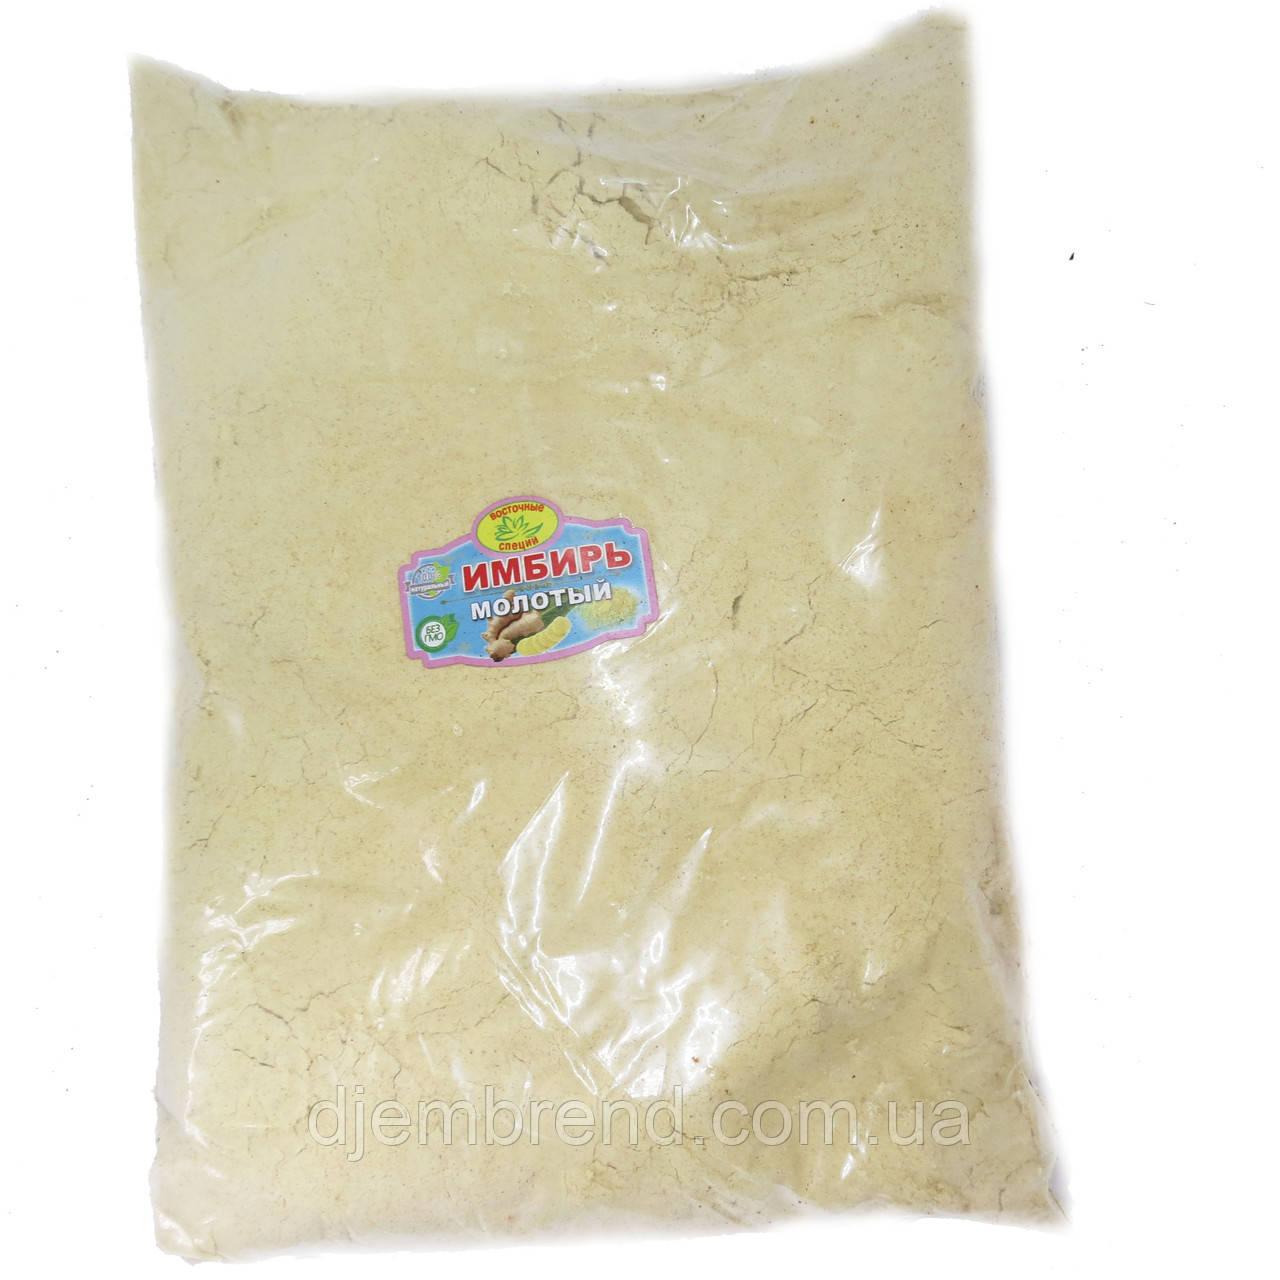 Имбирь молотый, 1 кг